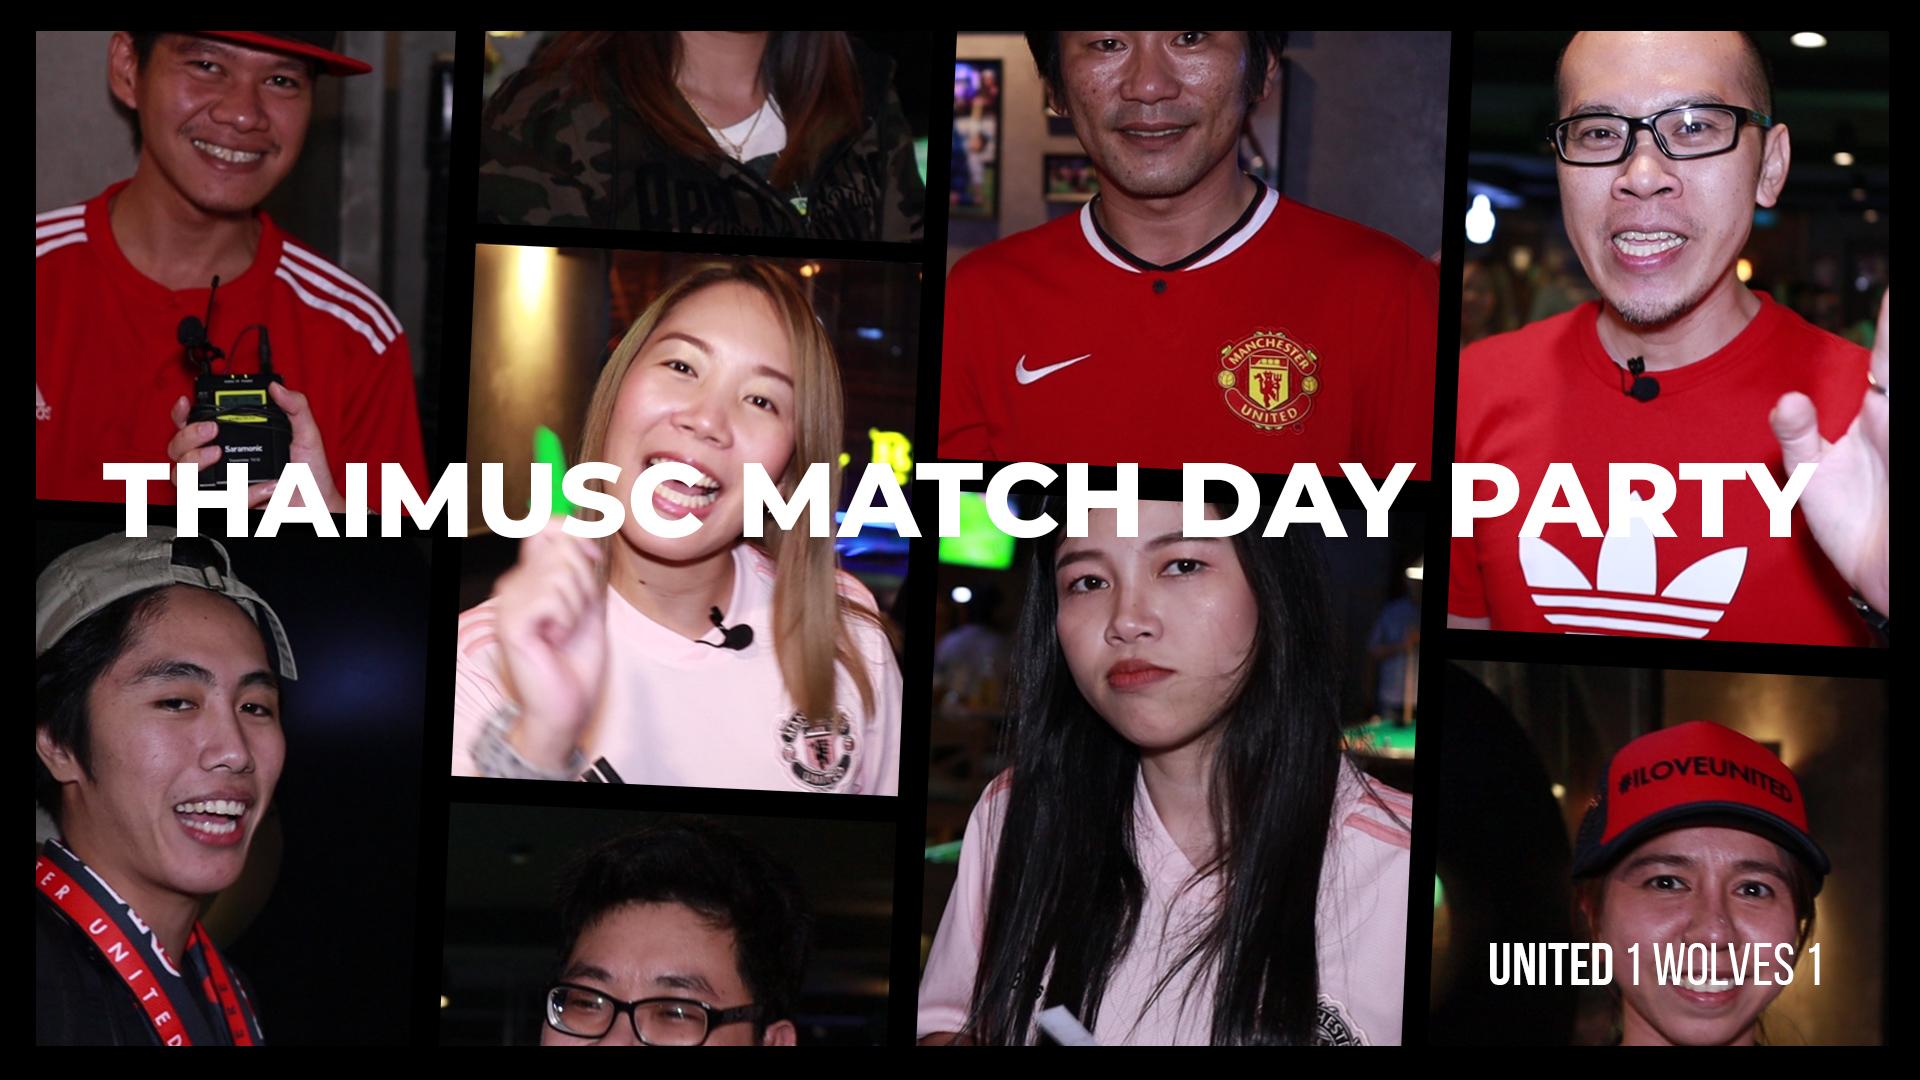 แมนเชสเตอร์ ยูไนเต็ด 1 - 1 วูล์ฟแฮมป์ตัน | ThaiMUSC Match Day Party